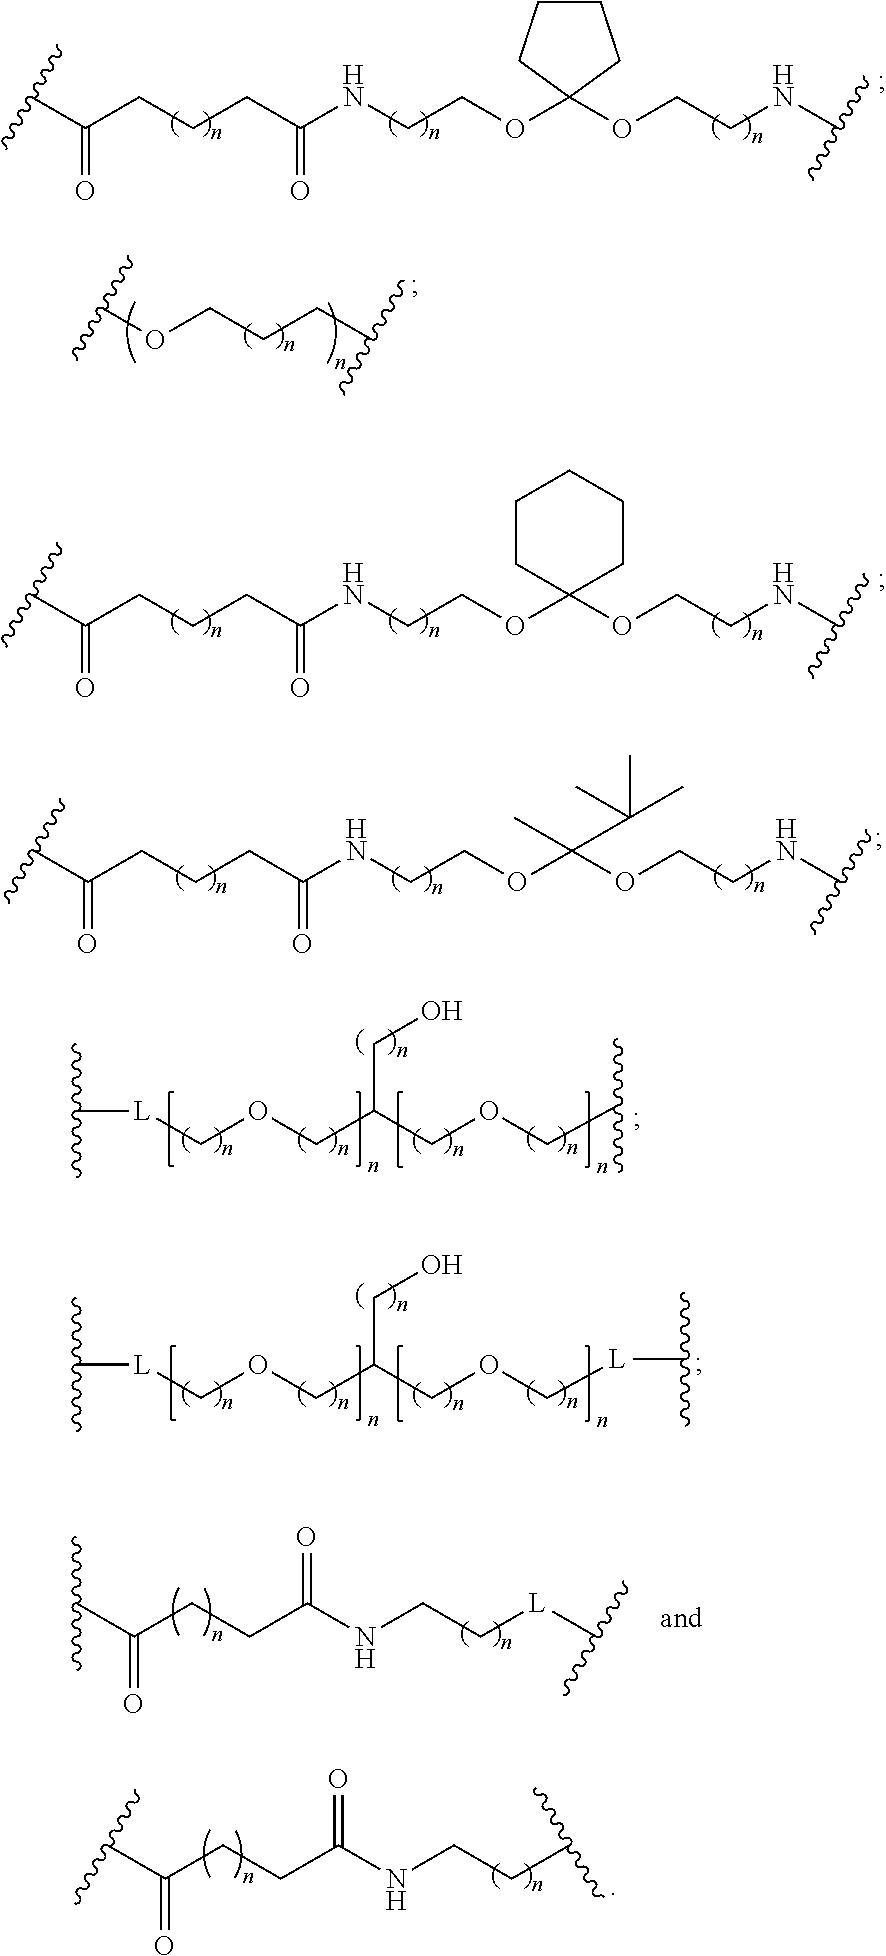 Figure US09714421-20170725-C00029